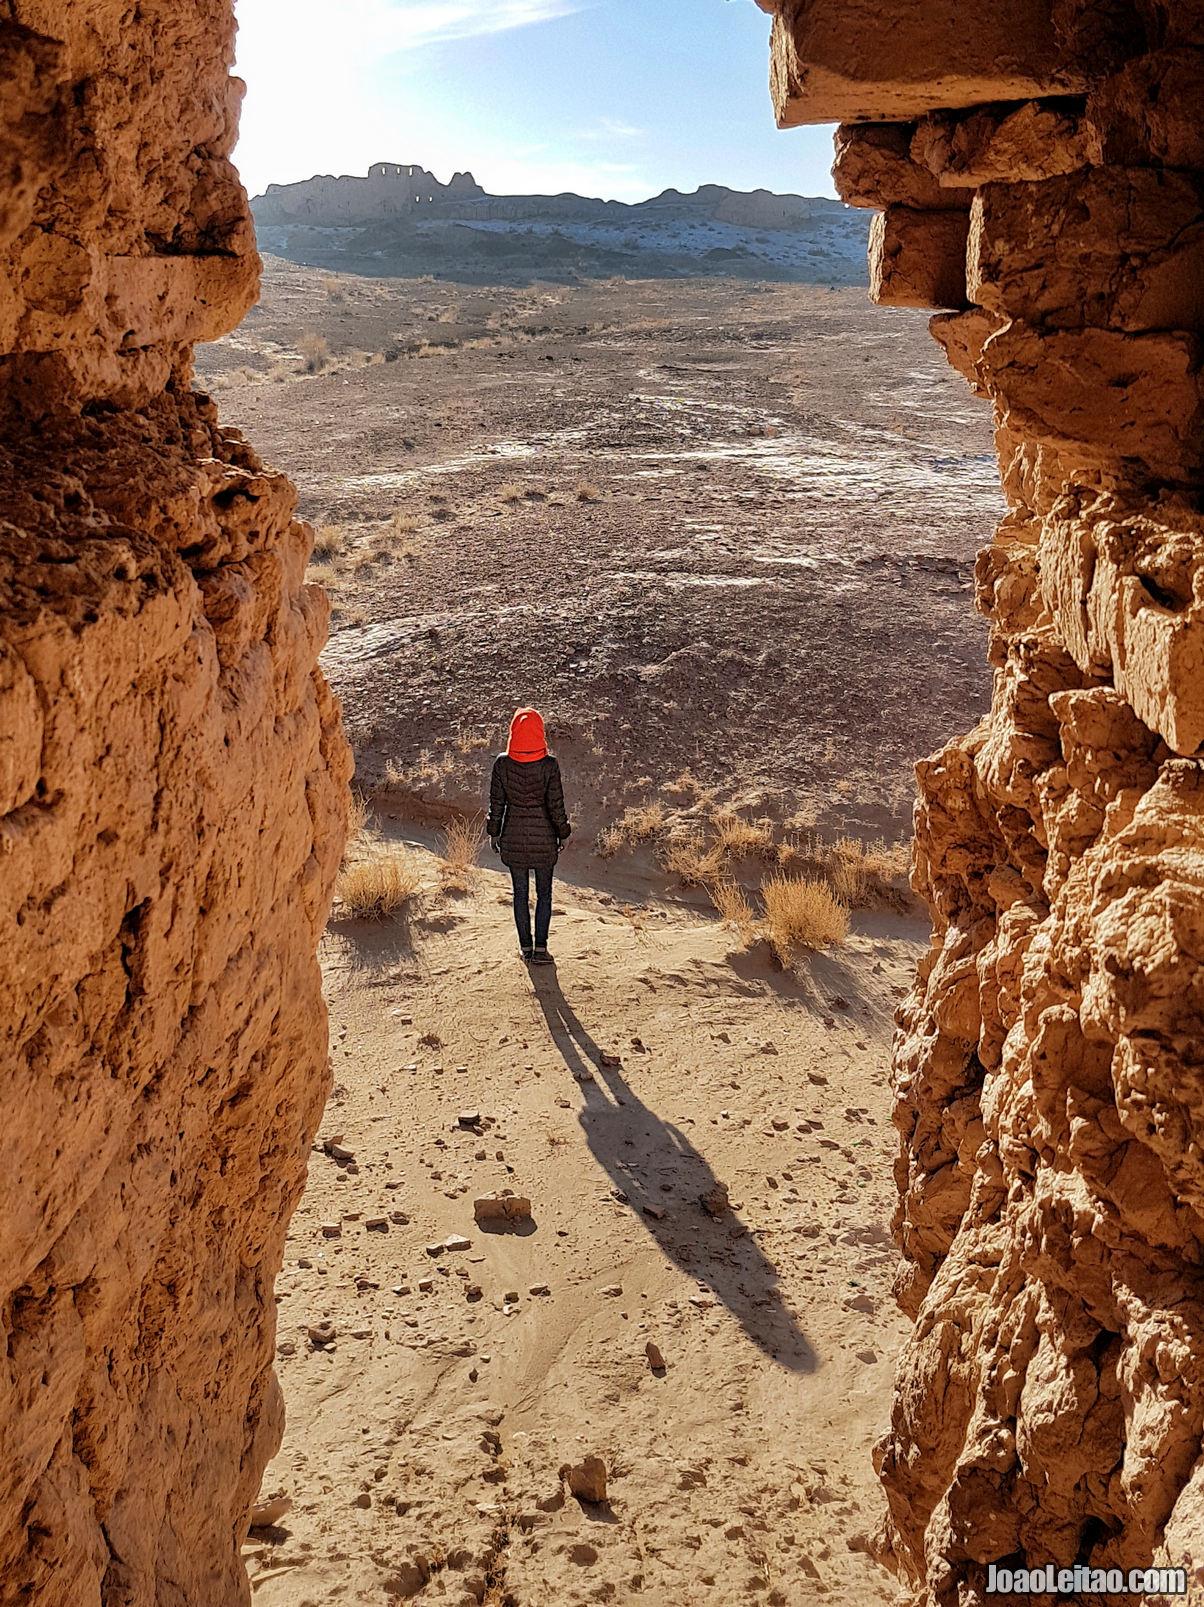 DESERT CASTLES OF ANCIENT KHOREZM